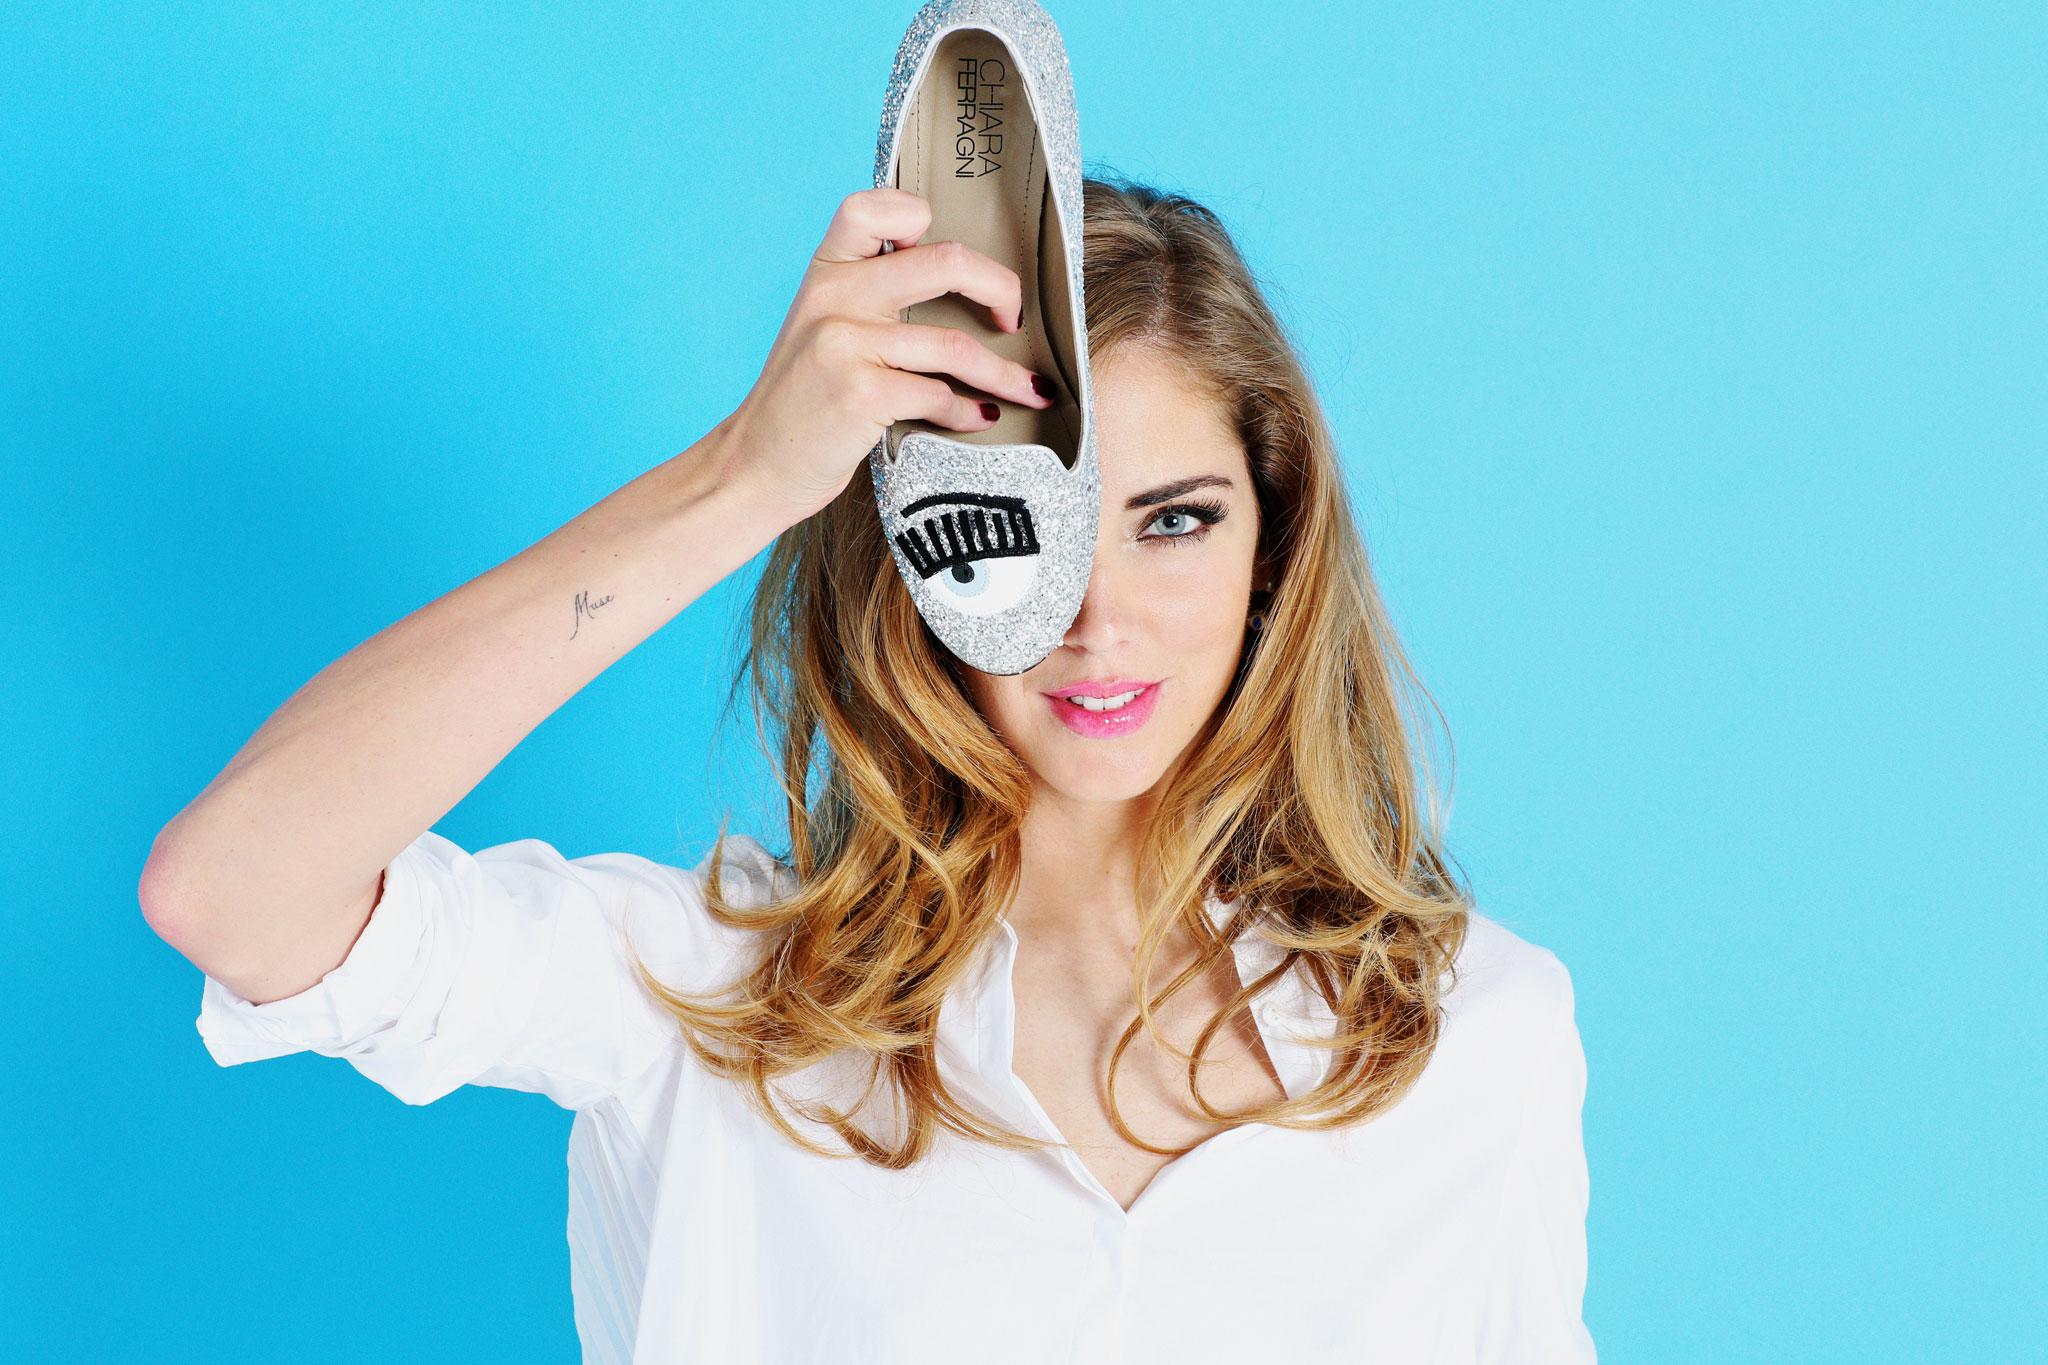 71751051e0 Sőt! Chiara népes rajongótáborának köszönhetően olyan nagy márkák  kampányaiban is szerepelt már, mint a Louis Vuitton vagy a Victoria's  Secret, de tervezett ...